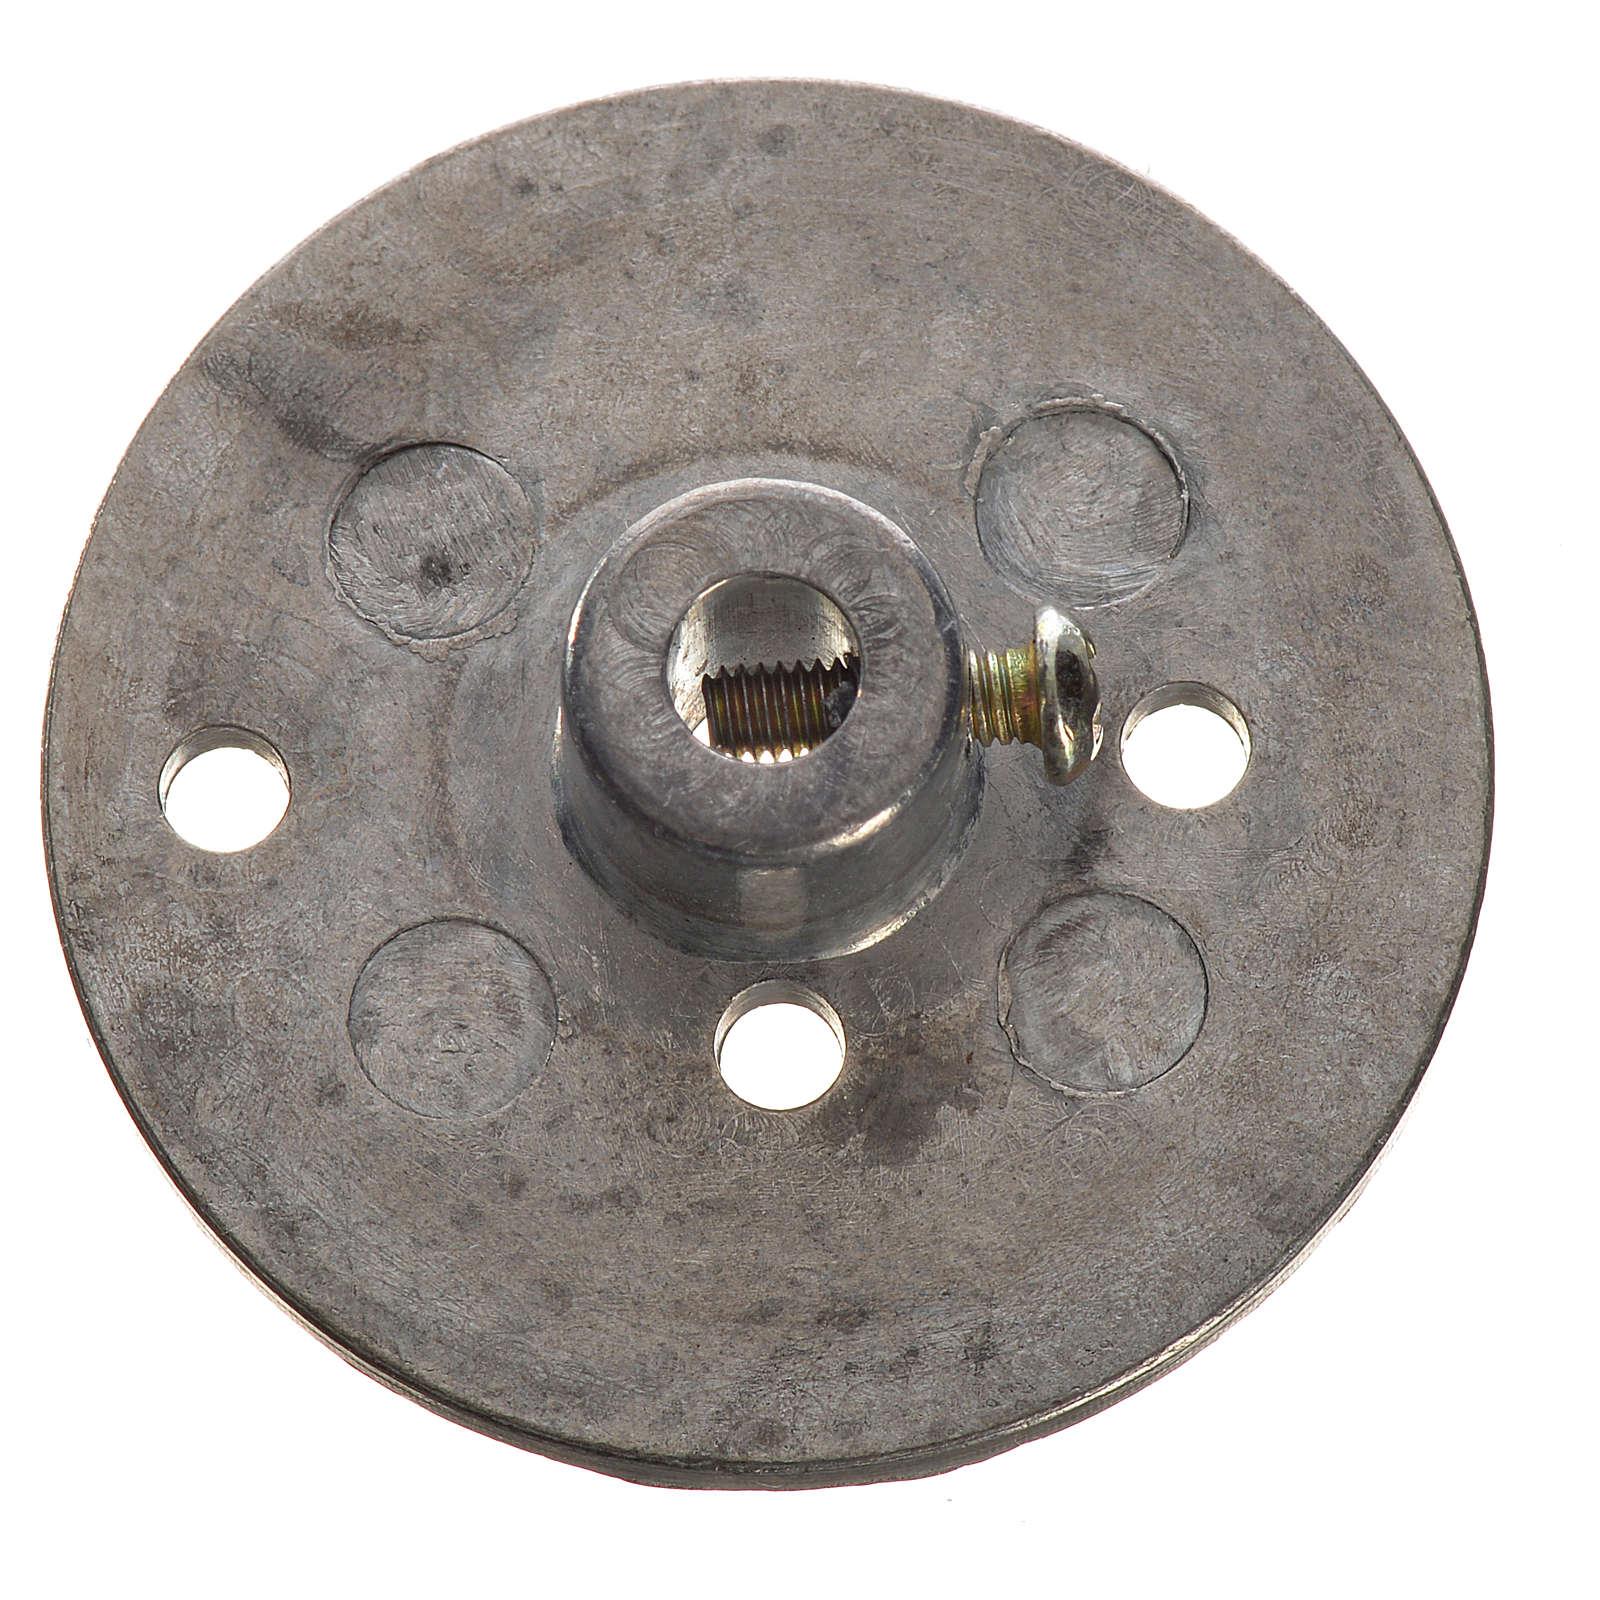 Polea en hierro para motorreductor 35mm, conexión 4mm 4